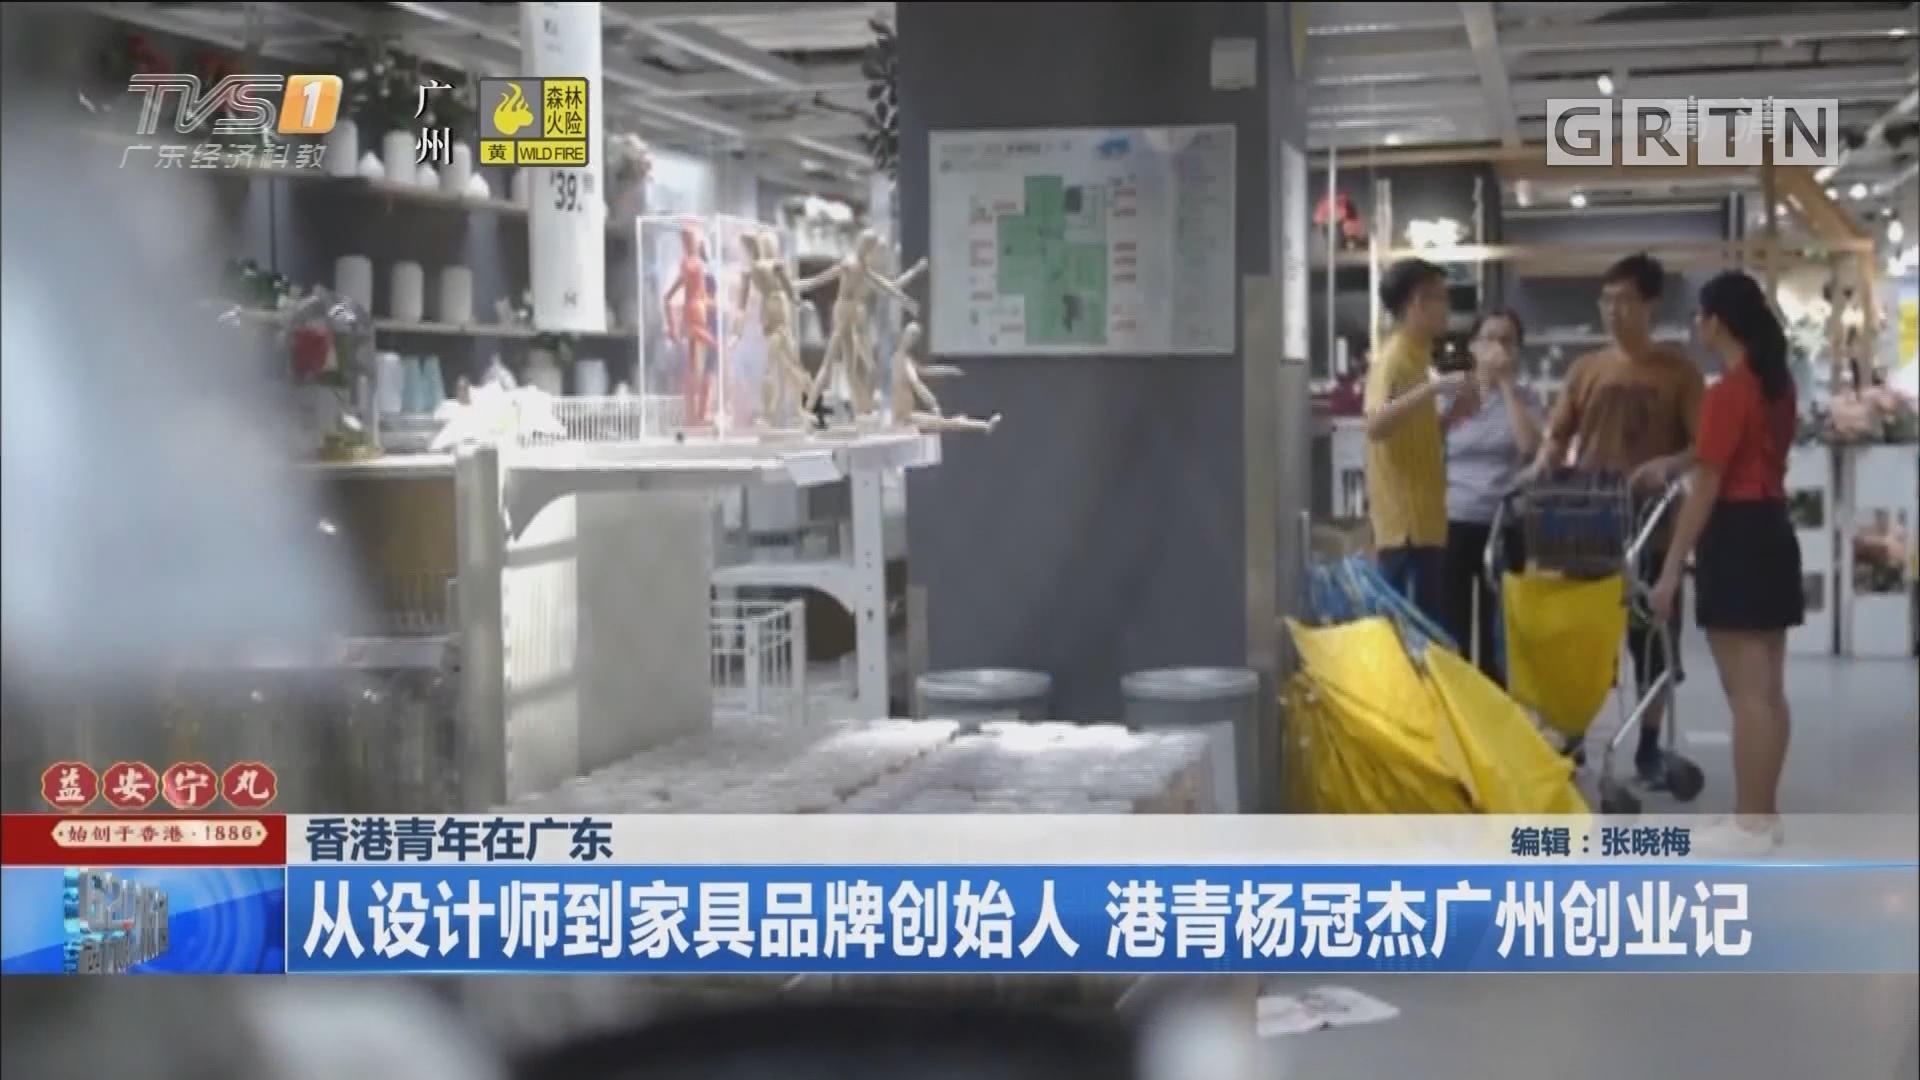 香港青年在广东 从设计师到家具品牌创始人 港青杨冠杰广州创业记